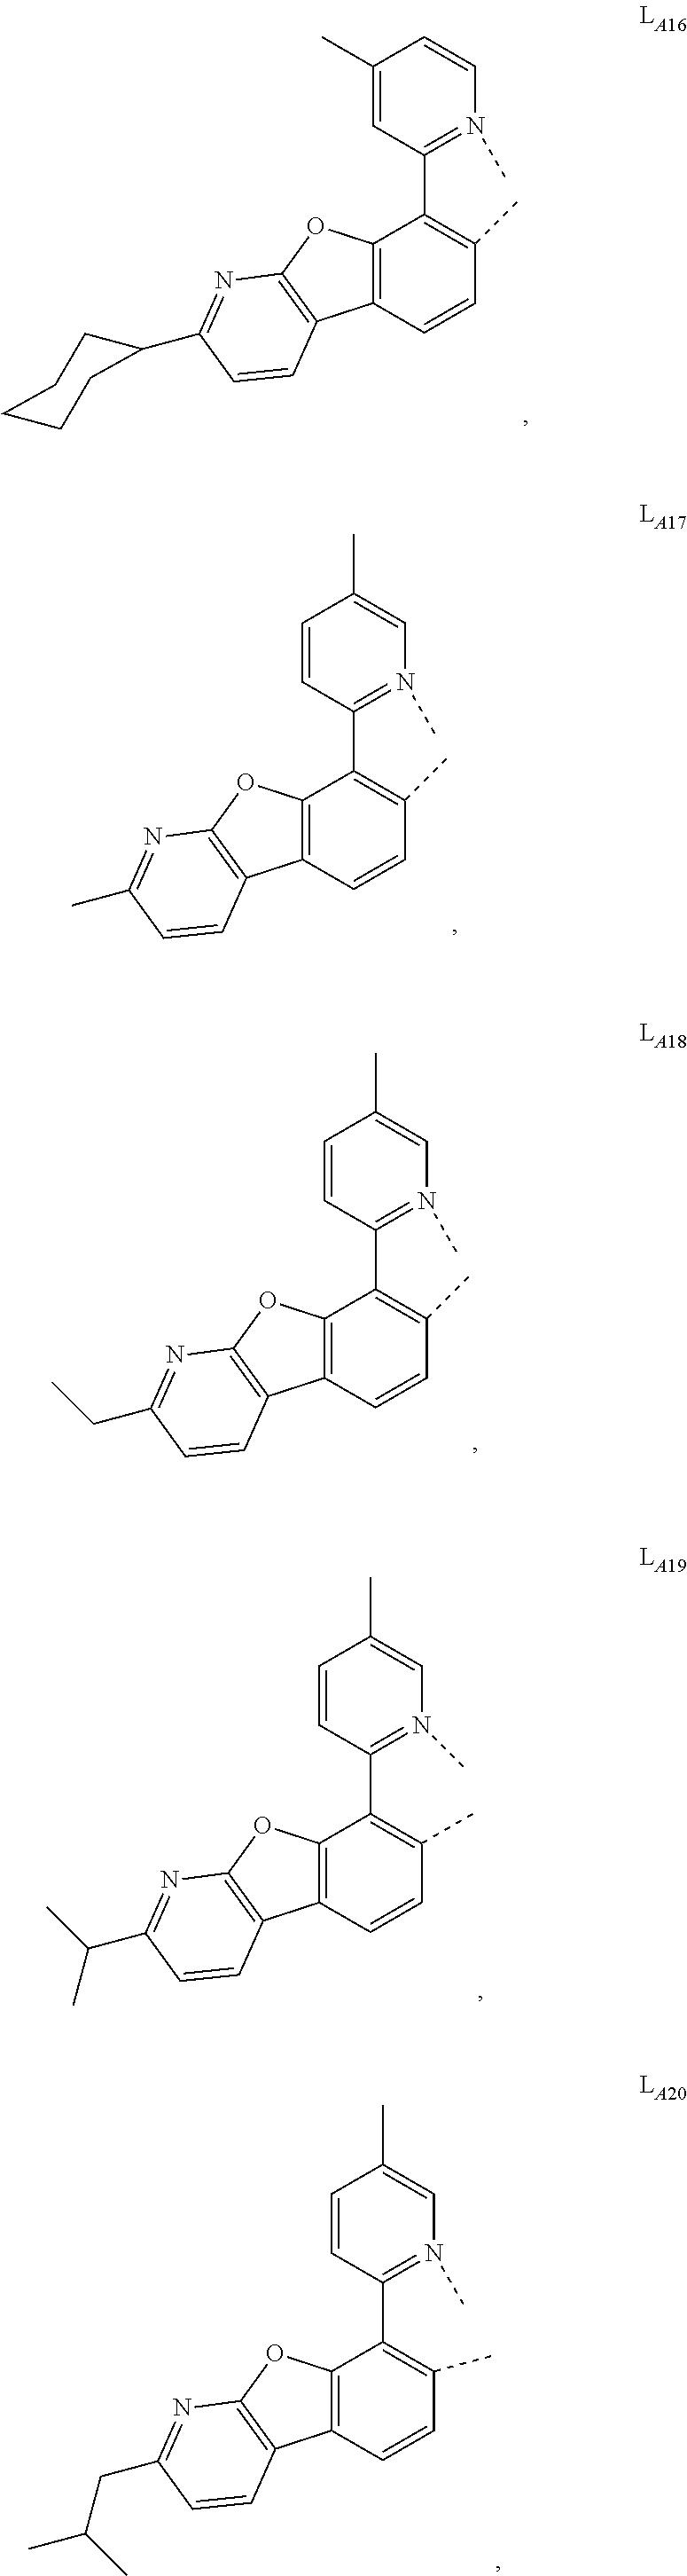 Figure US20160049599A1-20160218-C00012